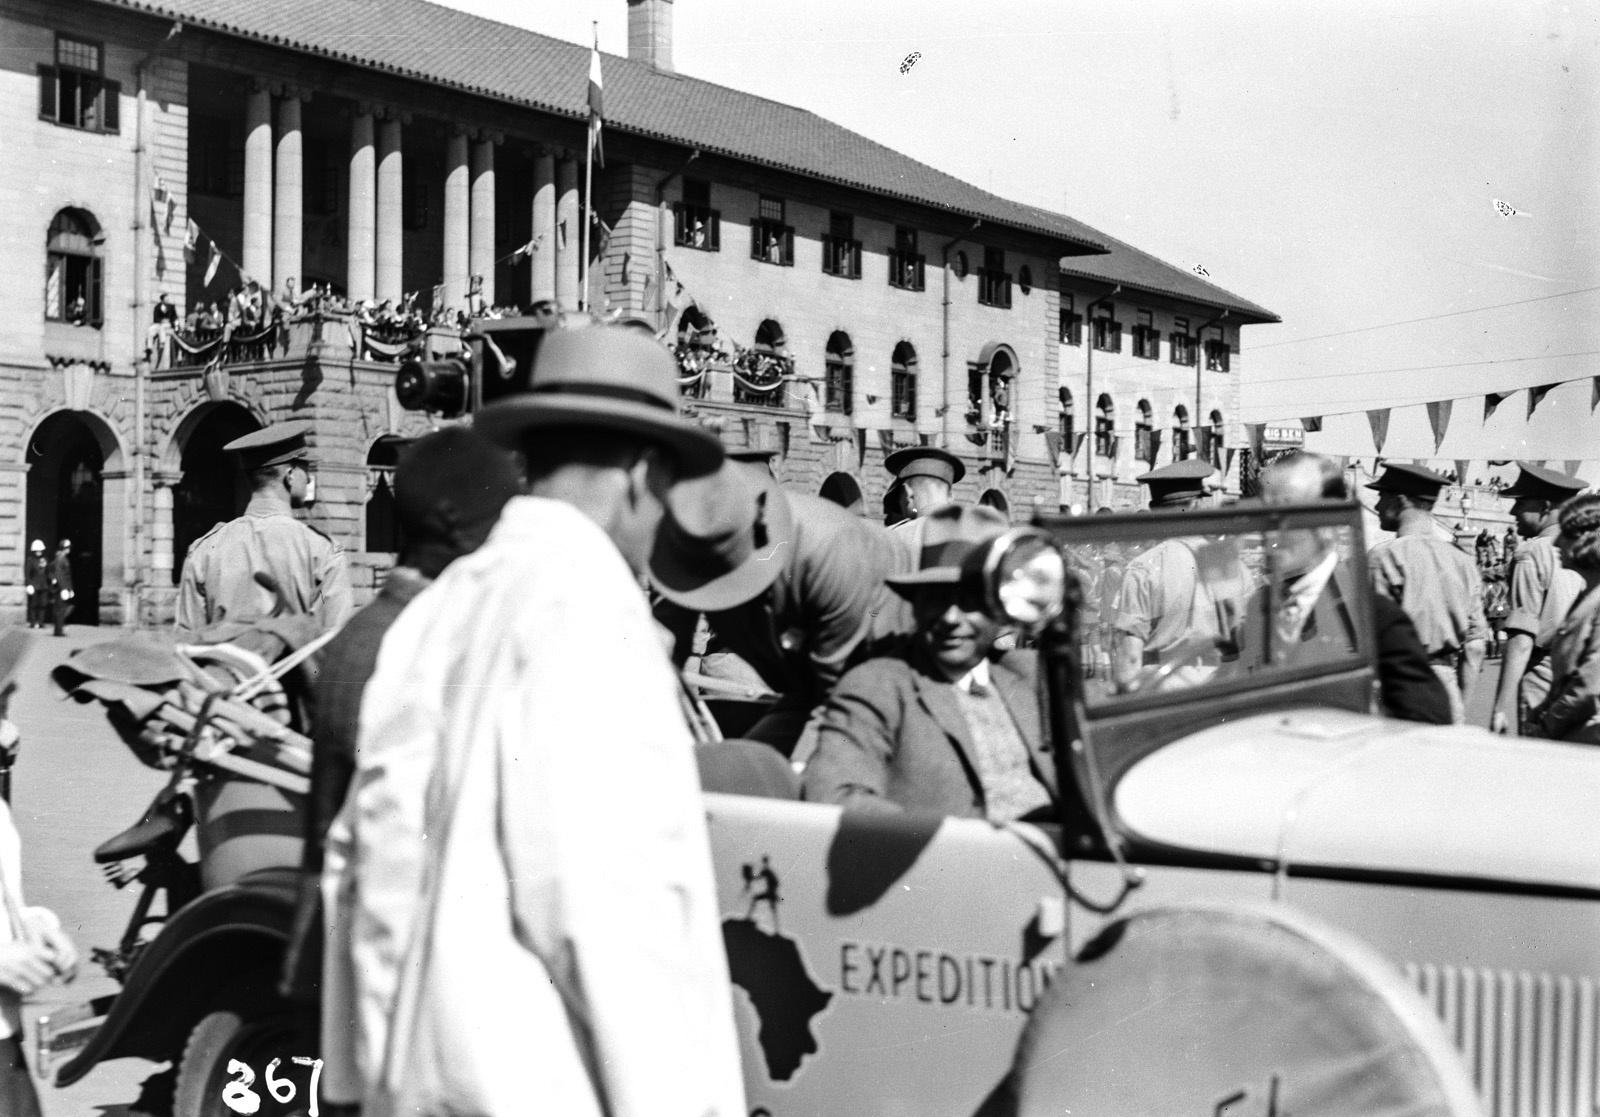 Претория. Члены экспедиции ждут прибытия губернатора. Ганс Шомбургк сидит в машине